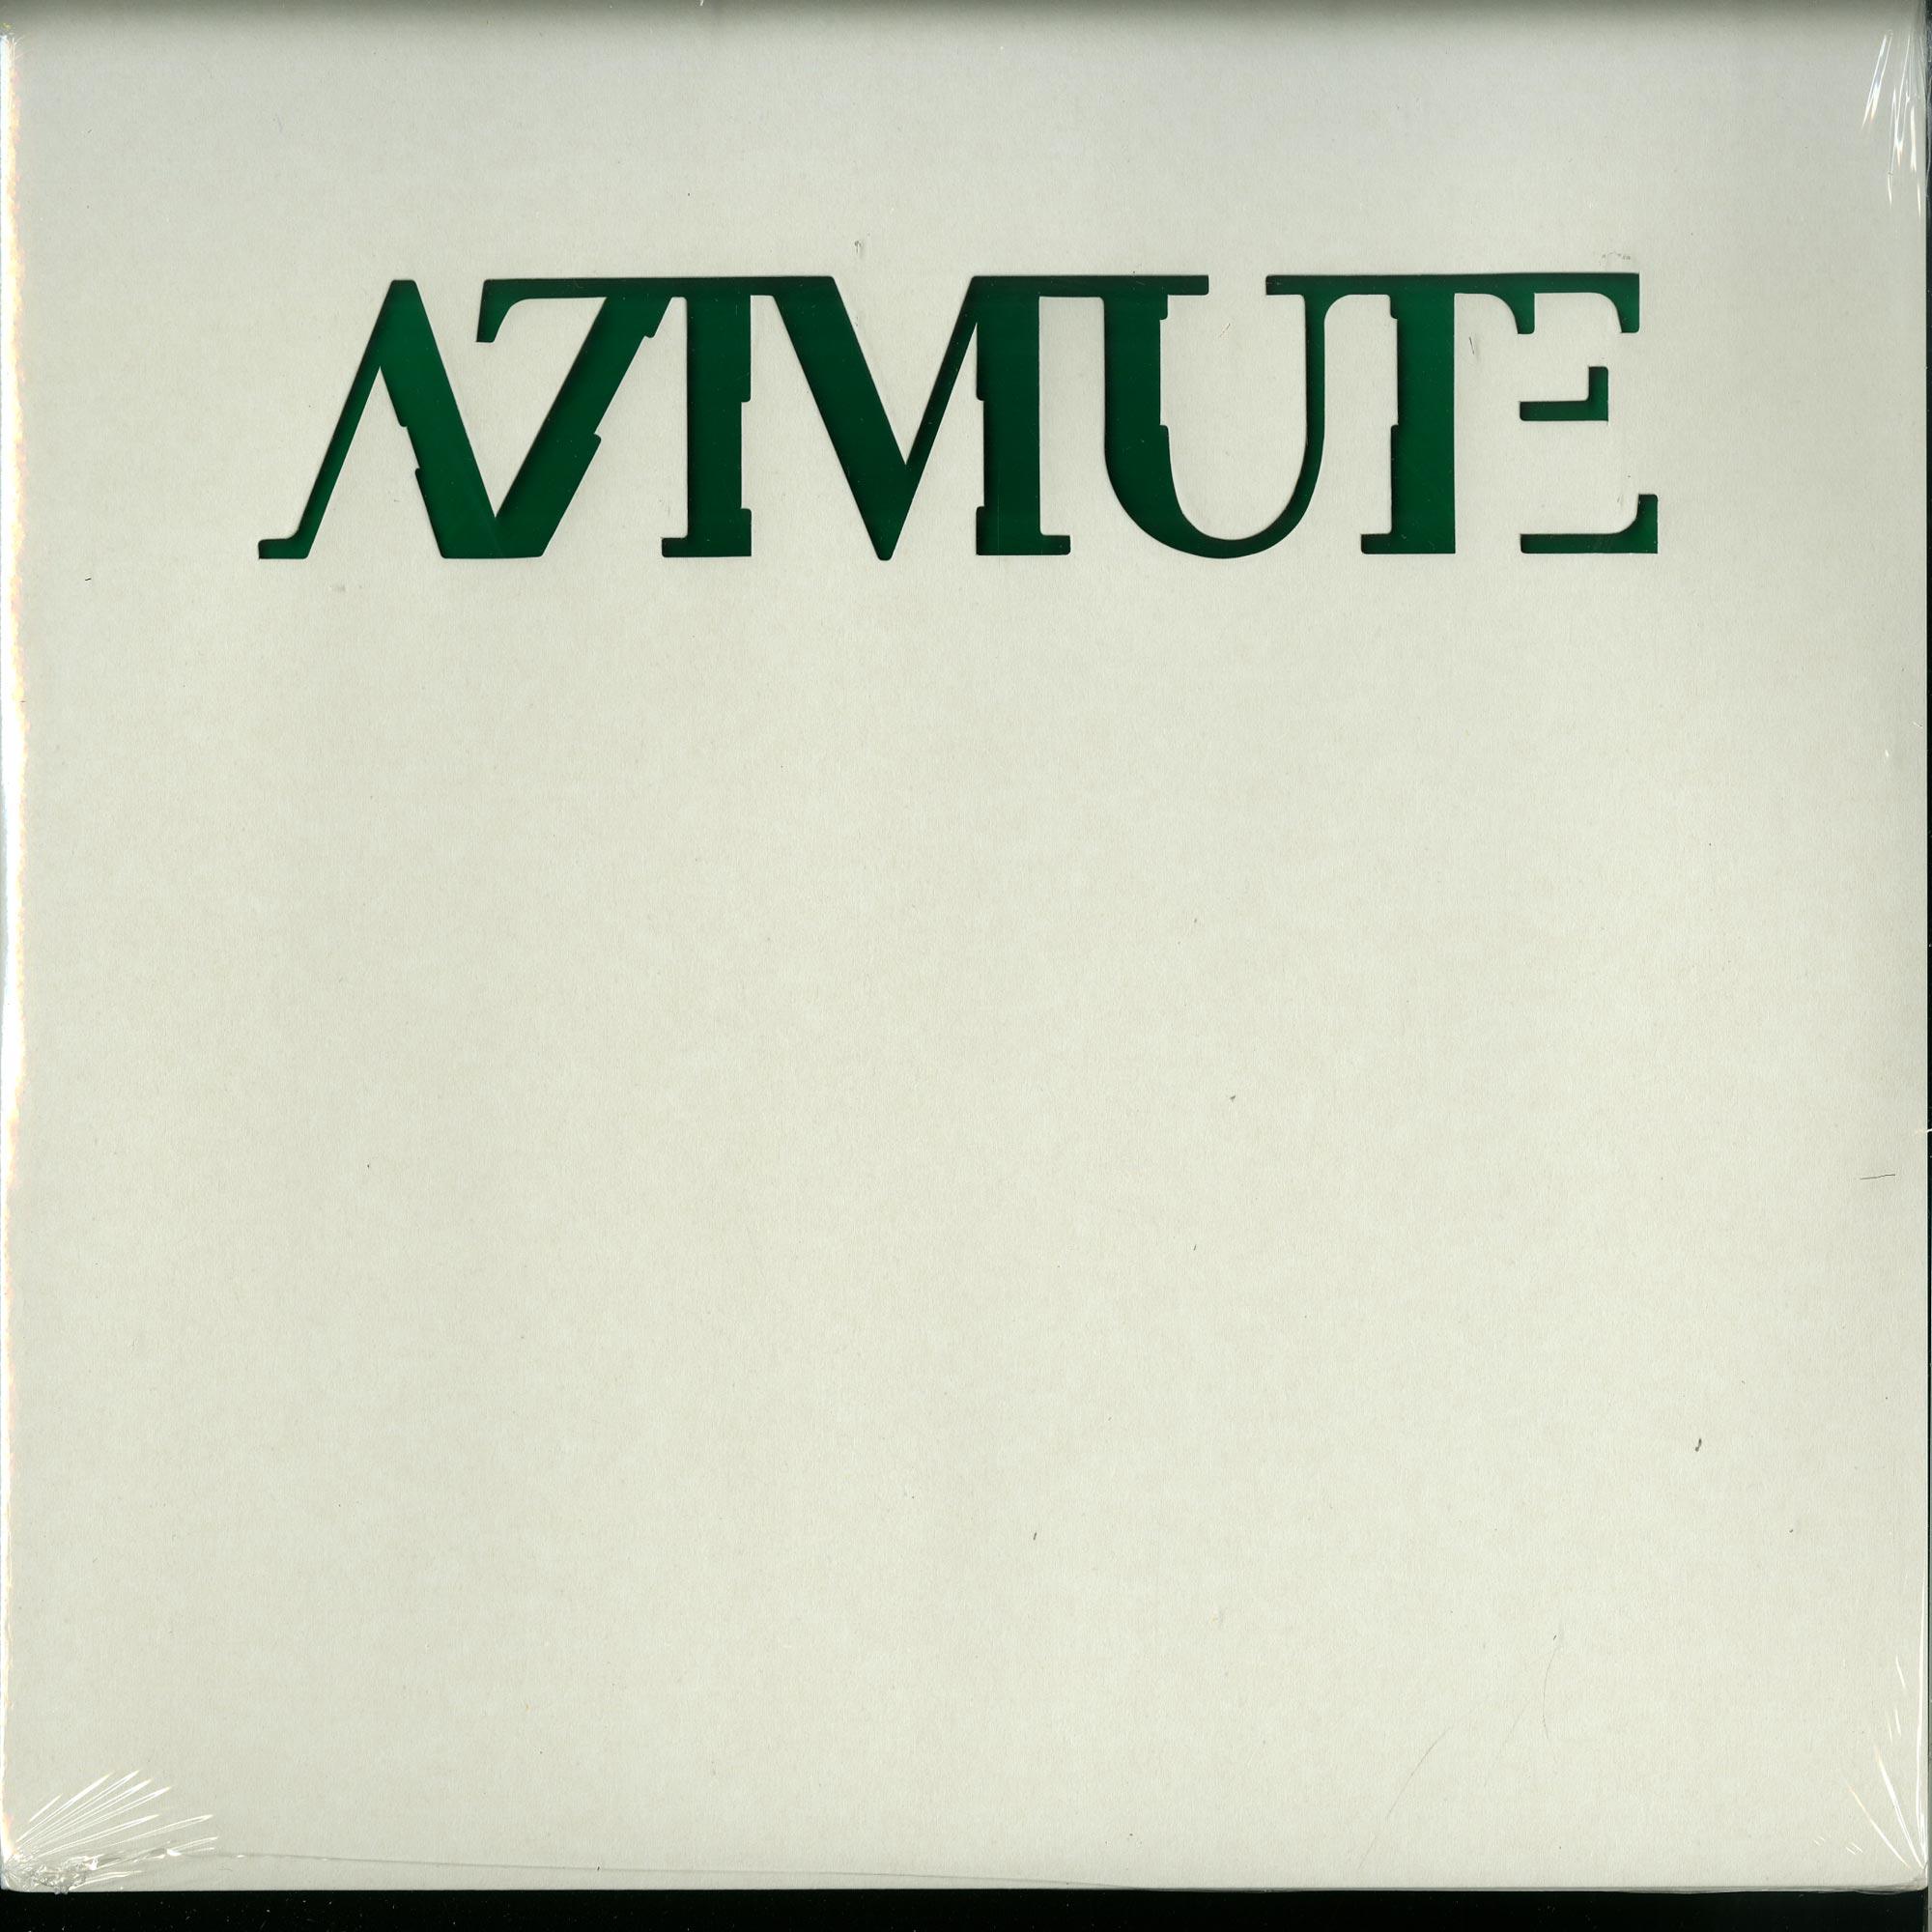 Azimute - AZIMUTE GREEN